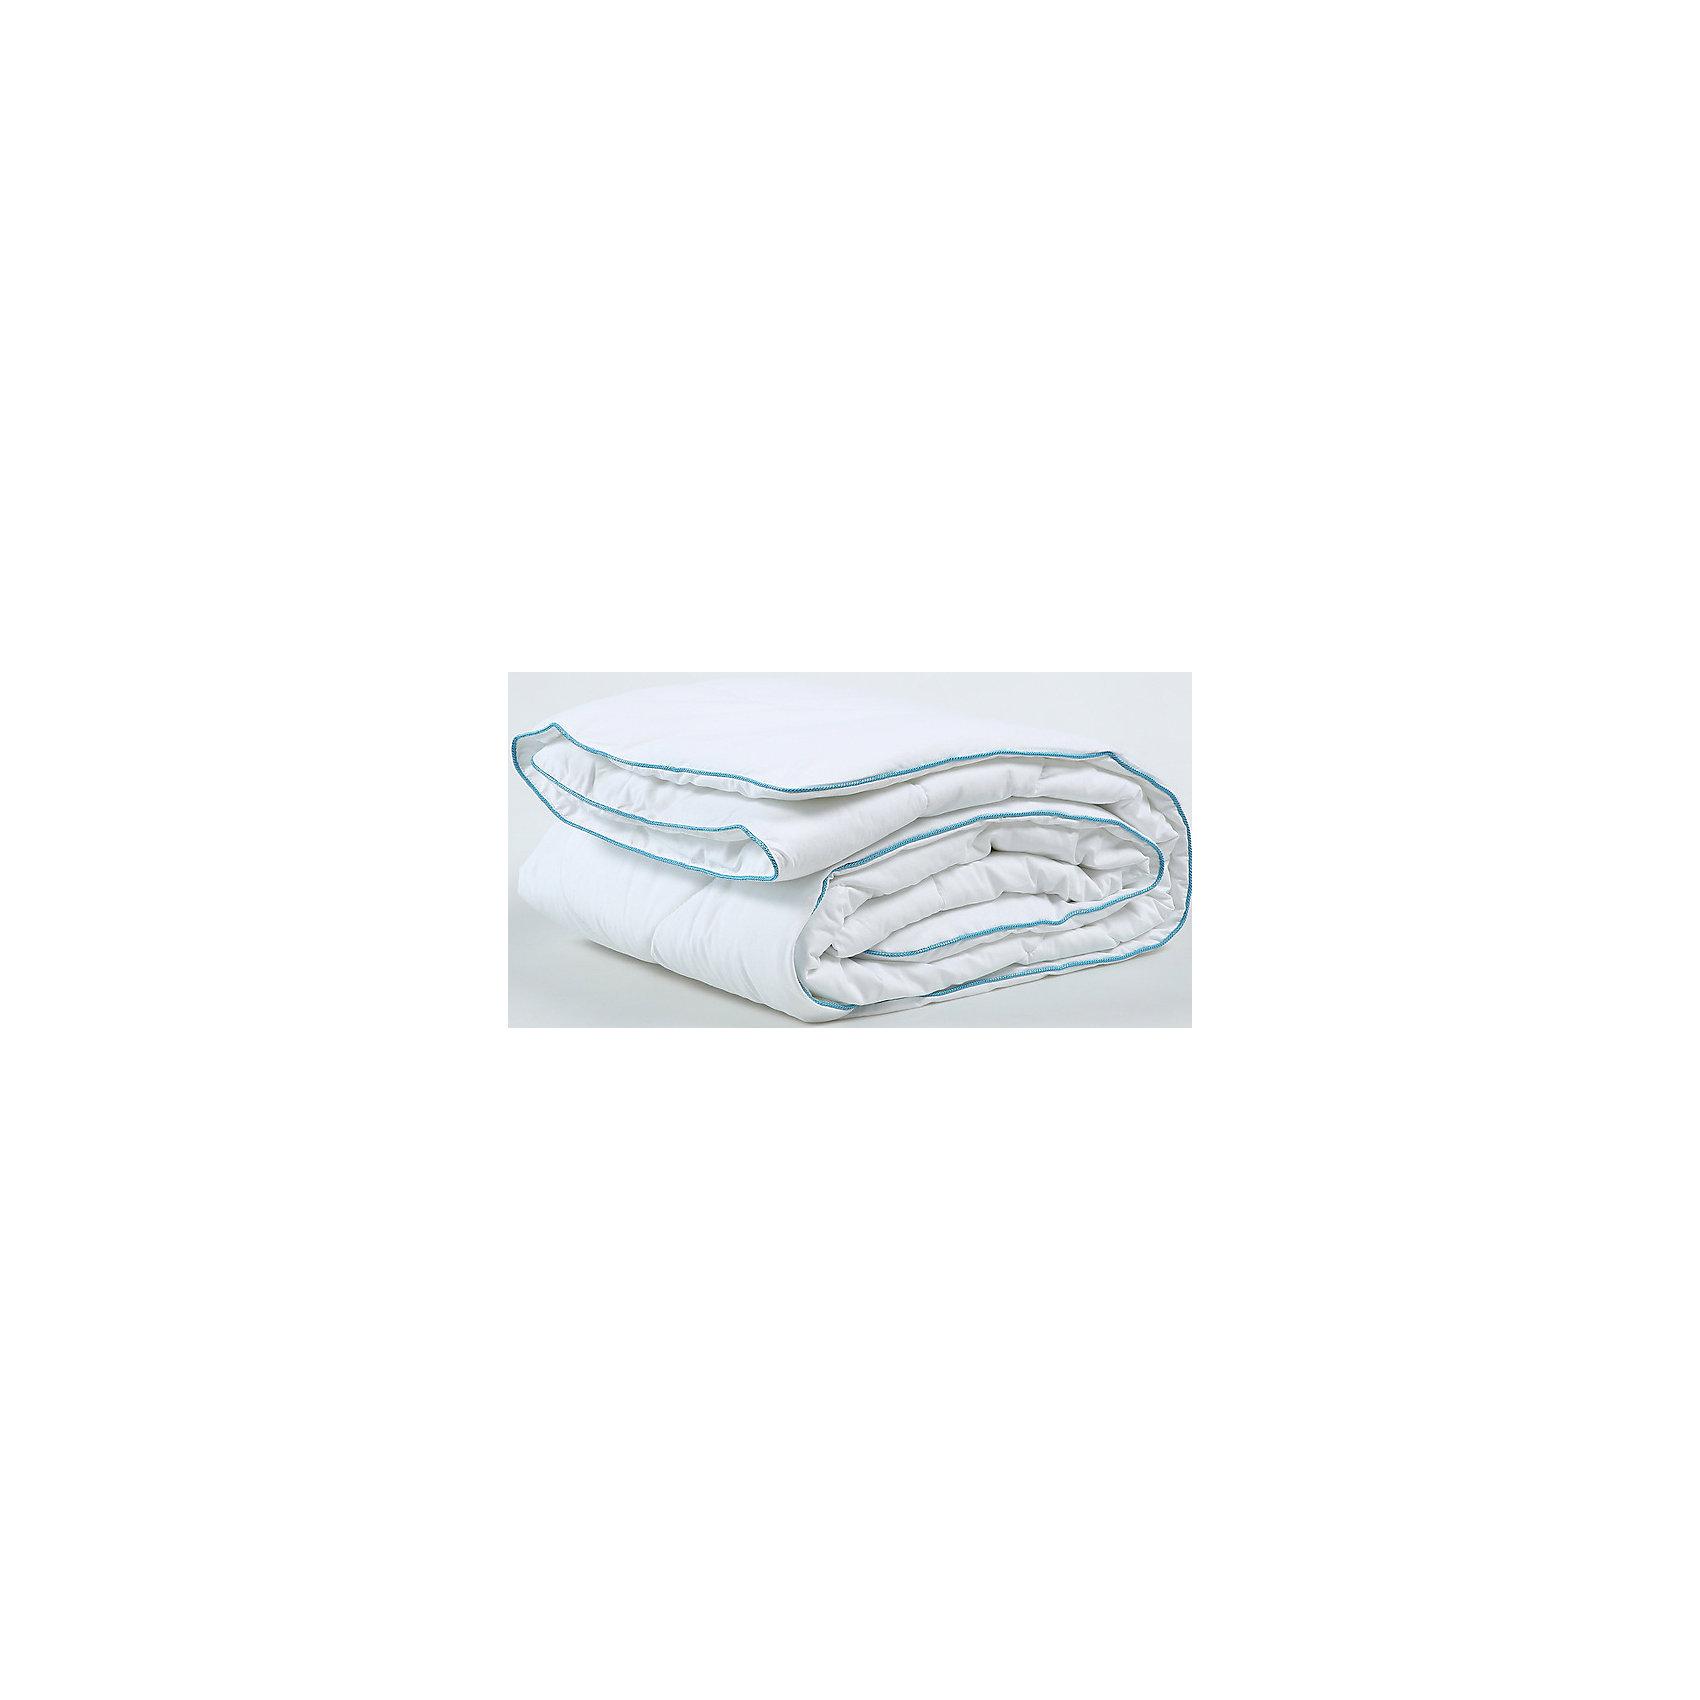 Одеяло 140*205 Белый лебедь Classic, Mona LizaХарактеристики:<br><br>• Вид домашнего текстиля: одеяло<br>• Серия: Mona Liza Classic<br>• Сезон: зима<br>• Материал чехла: бязь <br>• Наполнитель: 100% полиэстер (силиконизированное полотно)<br>• Цвет: молочный<br>• Размеры (Д*Ш): 140*205 см <br>• Тип упаковки: полиэтиленовая сумка с ручками<br>• Вес в упаковке: 1 кг 450 г<br>• Особенности ухода: машинная стирка при температуре 30 градусов<br><br>Одеяло 140*205 Белый лебедь Classic, Mona Liza изготовлено под отечественным торговым брендом, выпускающим постельные принадлежности из натуральных тканей. Одеяло выполнено из 100 % бязи, отличающейся высокими характеристиками не только прочности самого полотна, но и устойчивости окраски, которая выполняется по особой технологии. В качестве наполнителя использовано силиконизированное волокно, которое полностью гипоаллергенно, длительное время хорошо держит форму. Плотность наполнителя одеяла составляет 200 г/м2, что делает его особенно теплым, но при этом легким по весу. <br>Одеяло 140*205 Белый лебедь Classic, Mona Liza – домашний текстиль, соответствующий международным стандартам качества и безопасности!<br><br>Одеяло 140*205 Белый лебедь Classic, Mona Liza можно купить в нашем интернет-магазине.<br><br>Ширина мм: 540<br>Глубина мм: 160<br>Высота мм: 460<br>Вес г: 1450<br>Возраст от месяцев: 84<br>Возраст до месяцев: 216<br>Пол: Унисекс<br>Возраст: Детский<br>SKU: 5165692